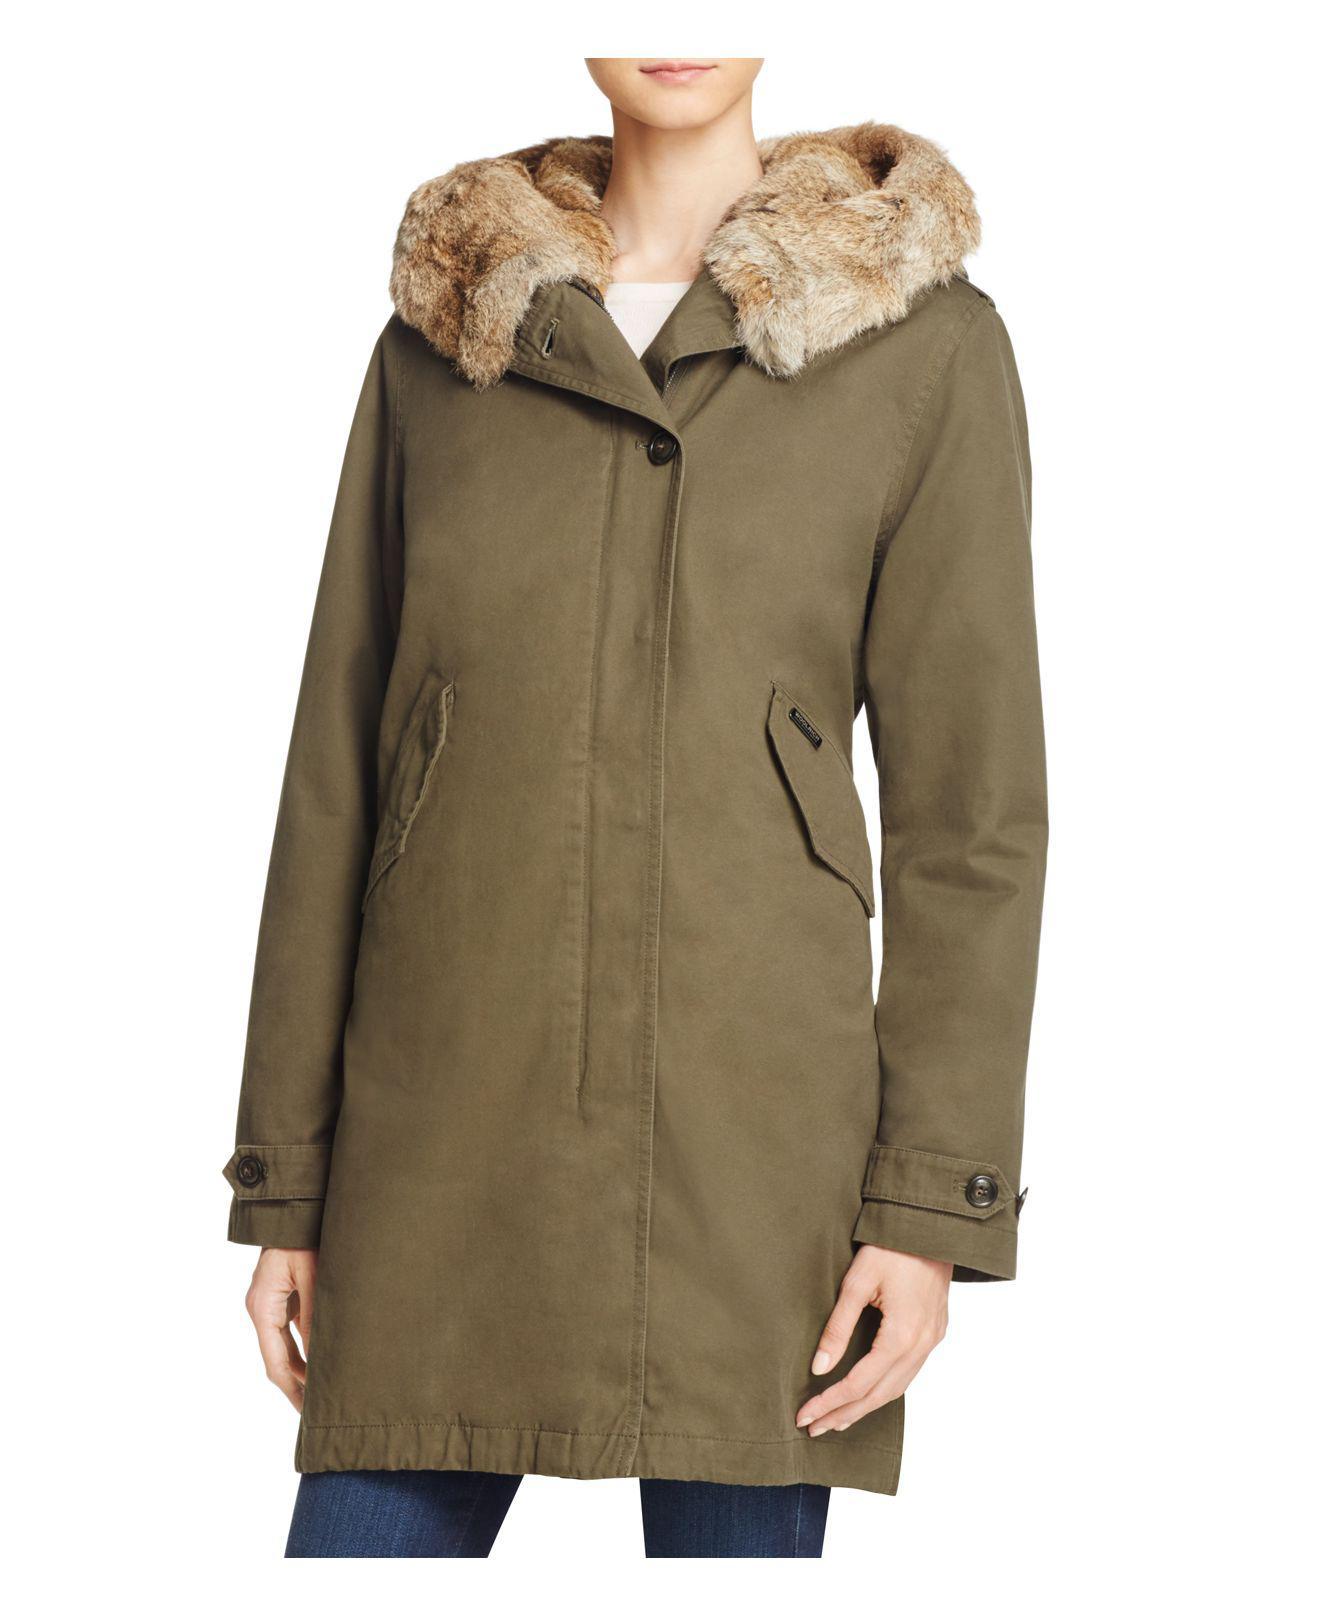 lyst woolrich banff eskimo fur trimmed parka in green save 1. Black Bedroom Furniture Sets. Home Design Ideas